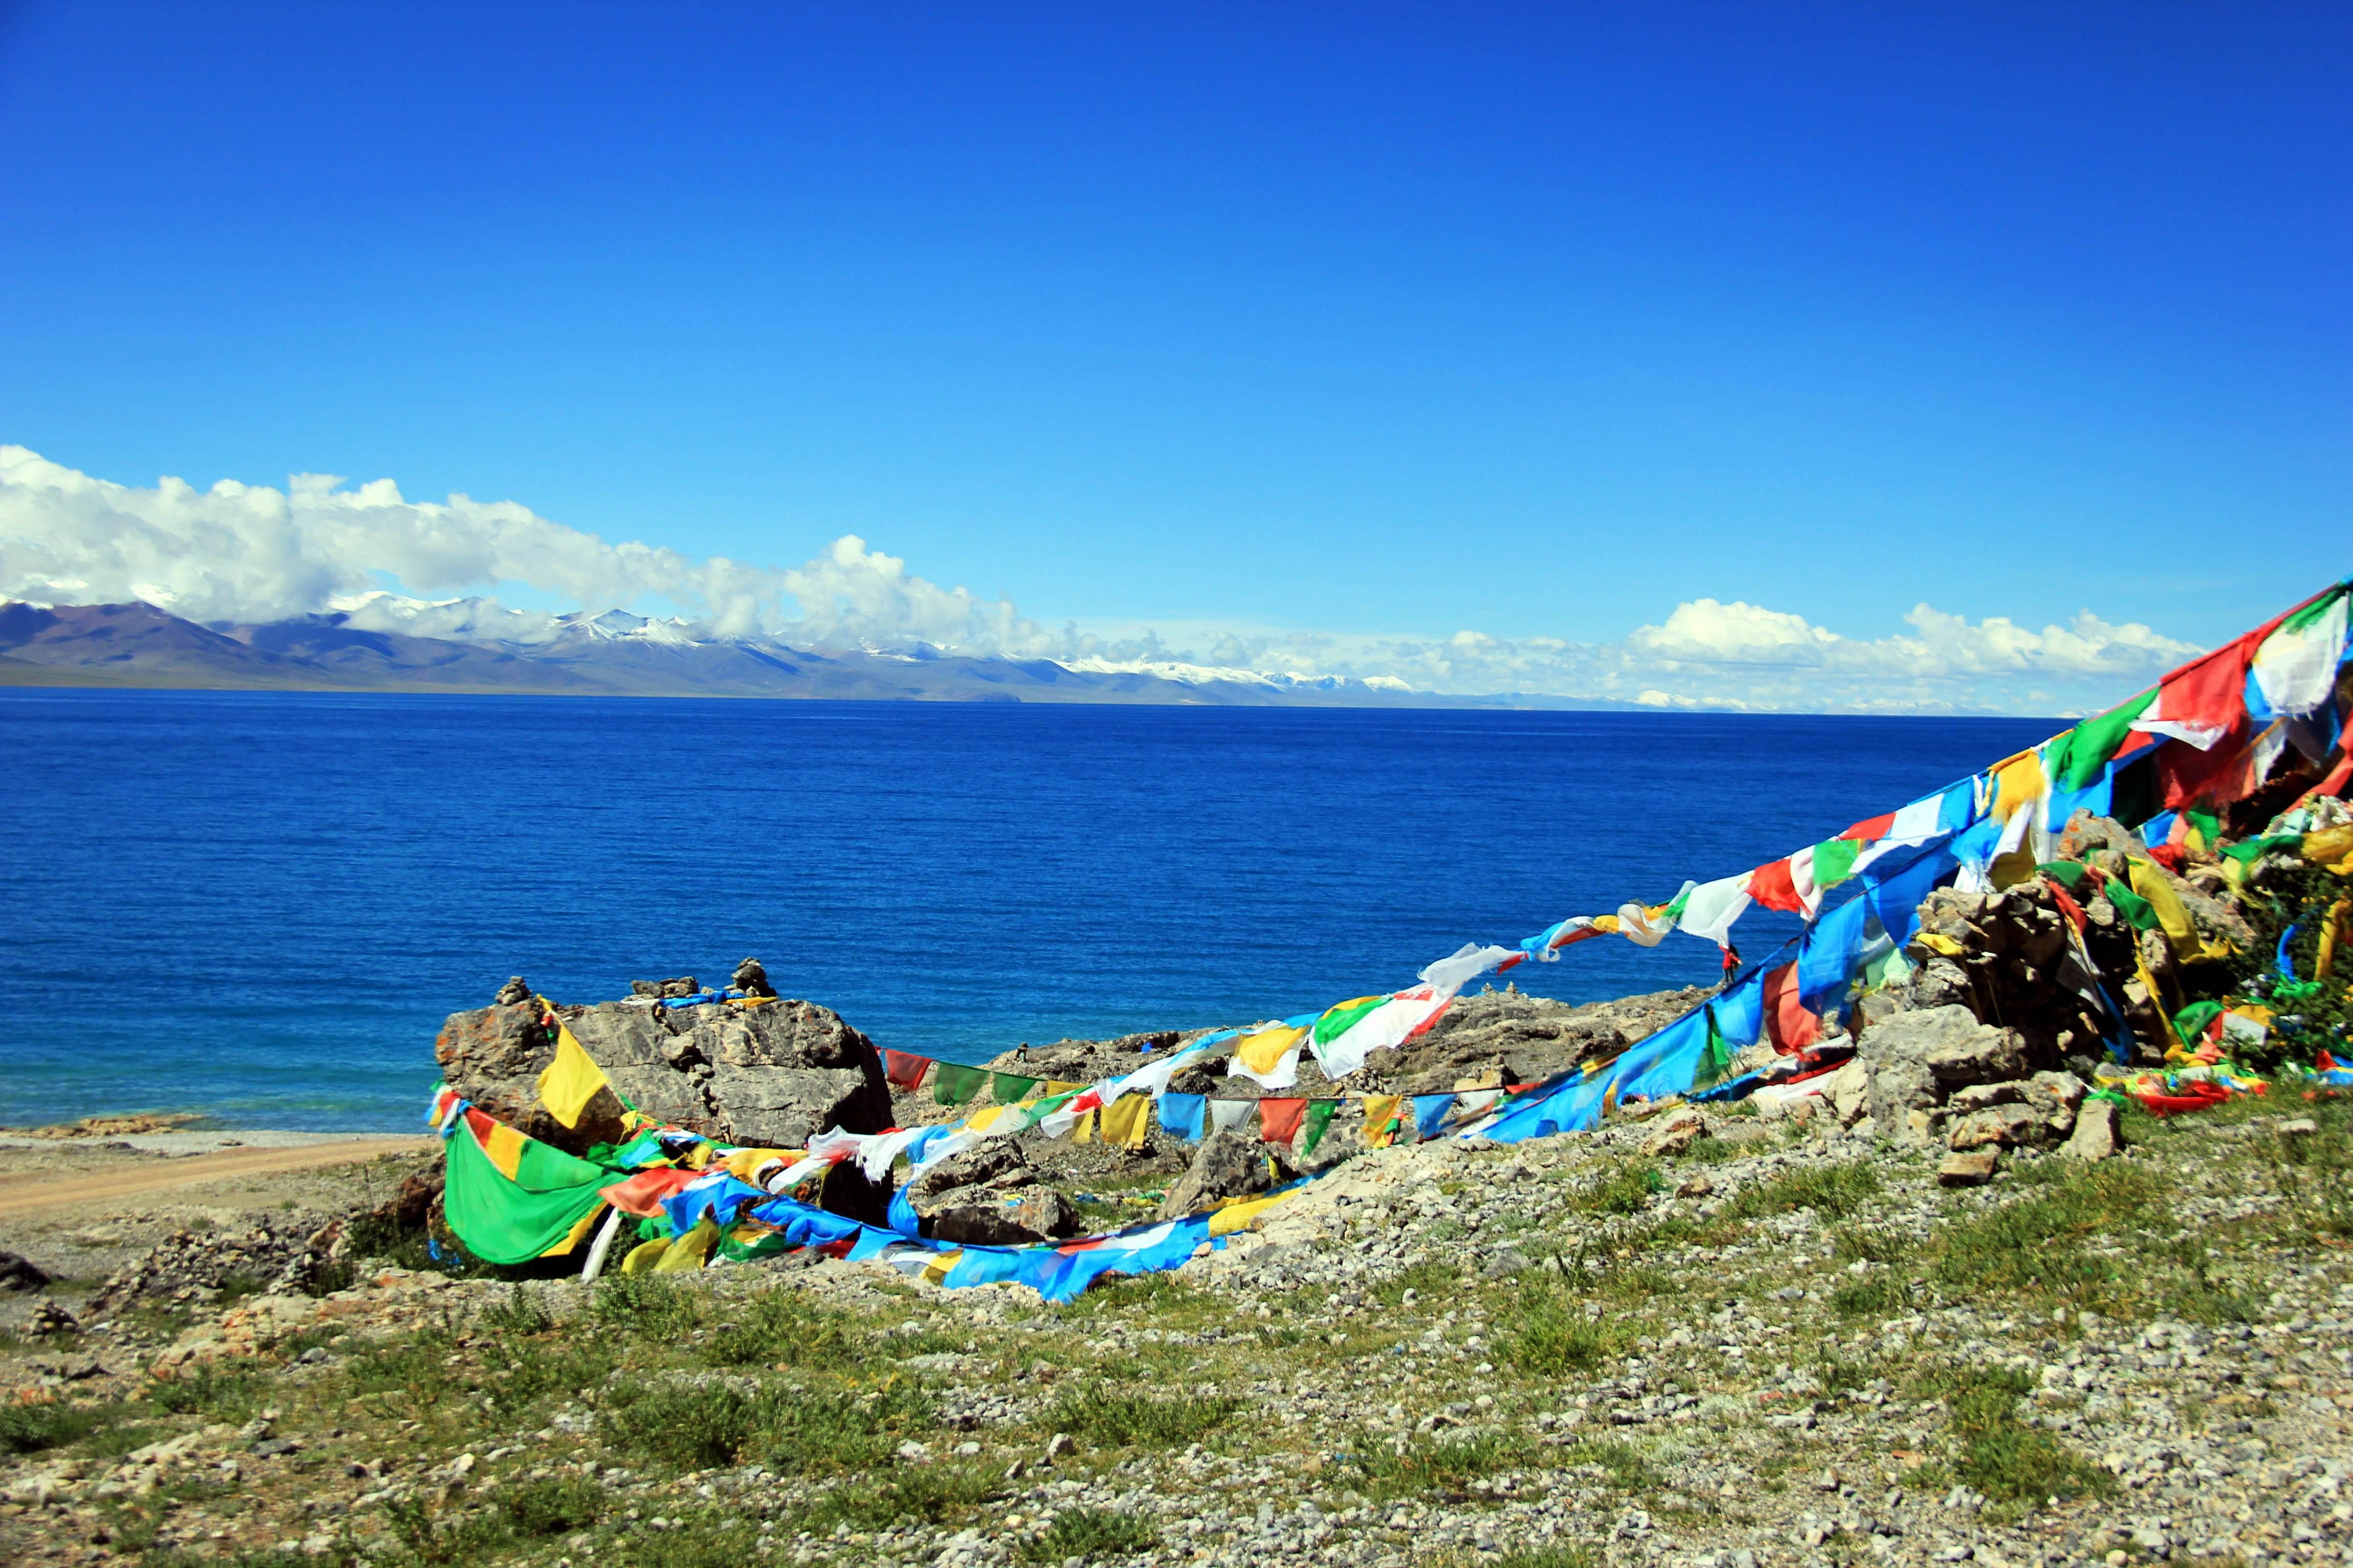 西藏拉萨、林芝、大峡谷、巴松错9日双卧跟团游[进藏首选]0自费、赠6大特色美食,1晚宿鲁朗国际小镇,深度体验藏地田园生活